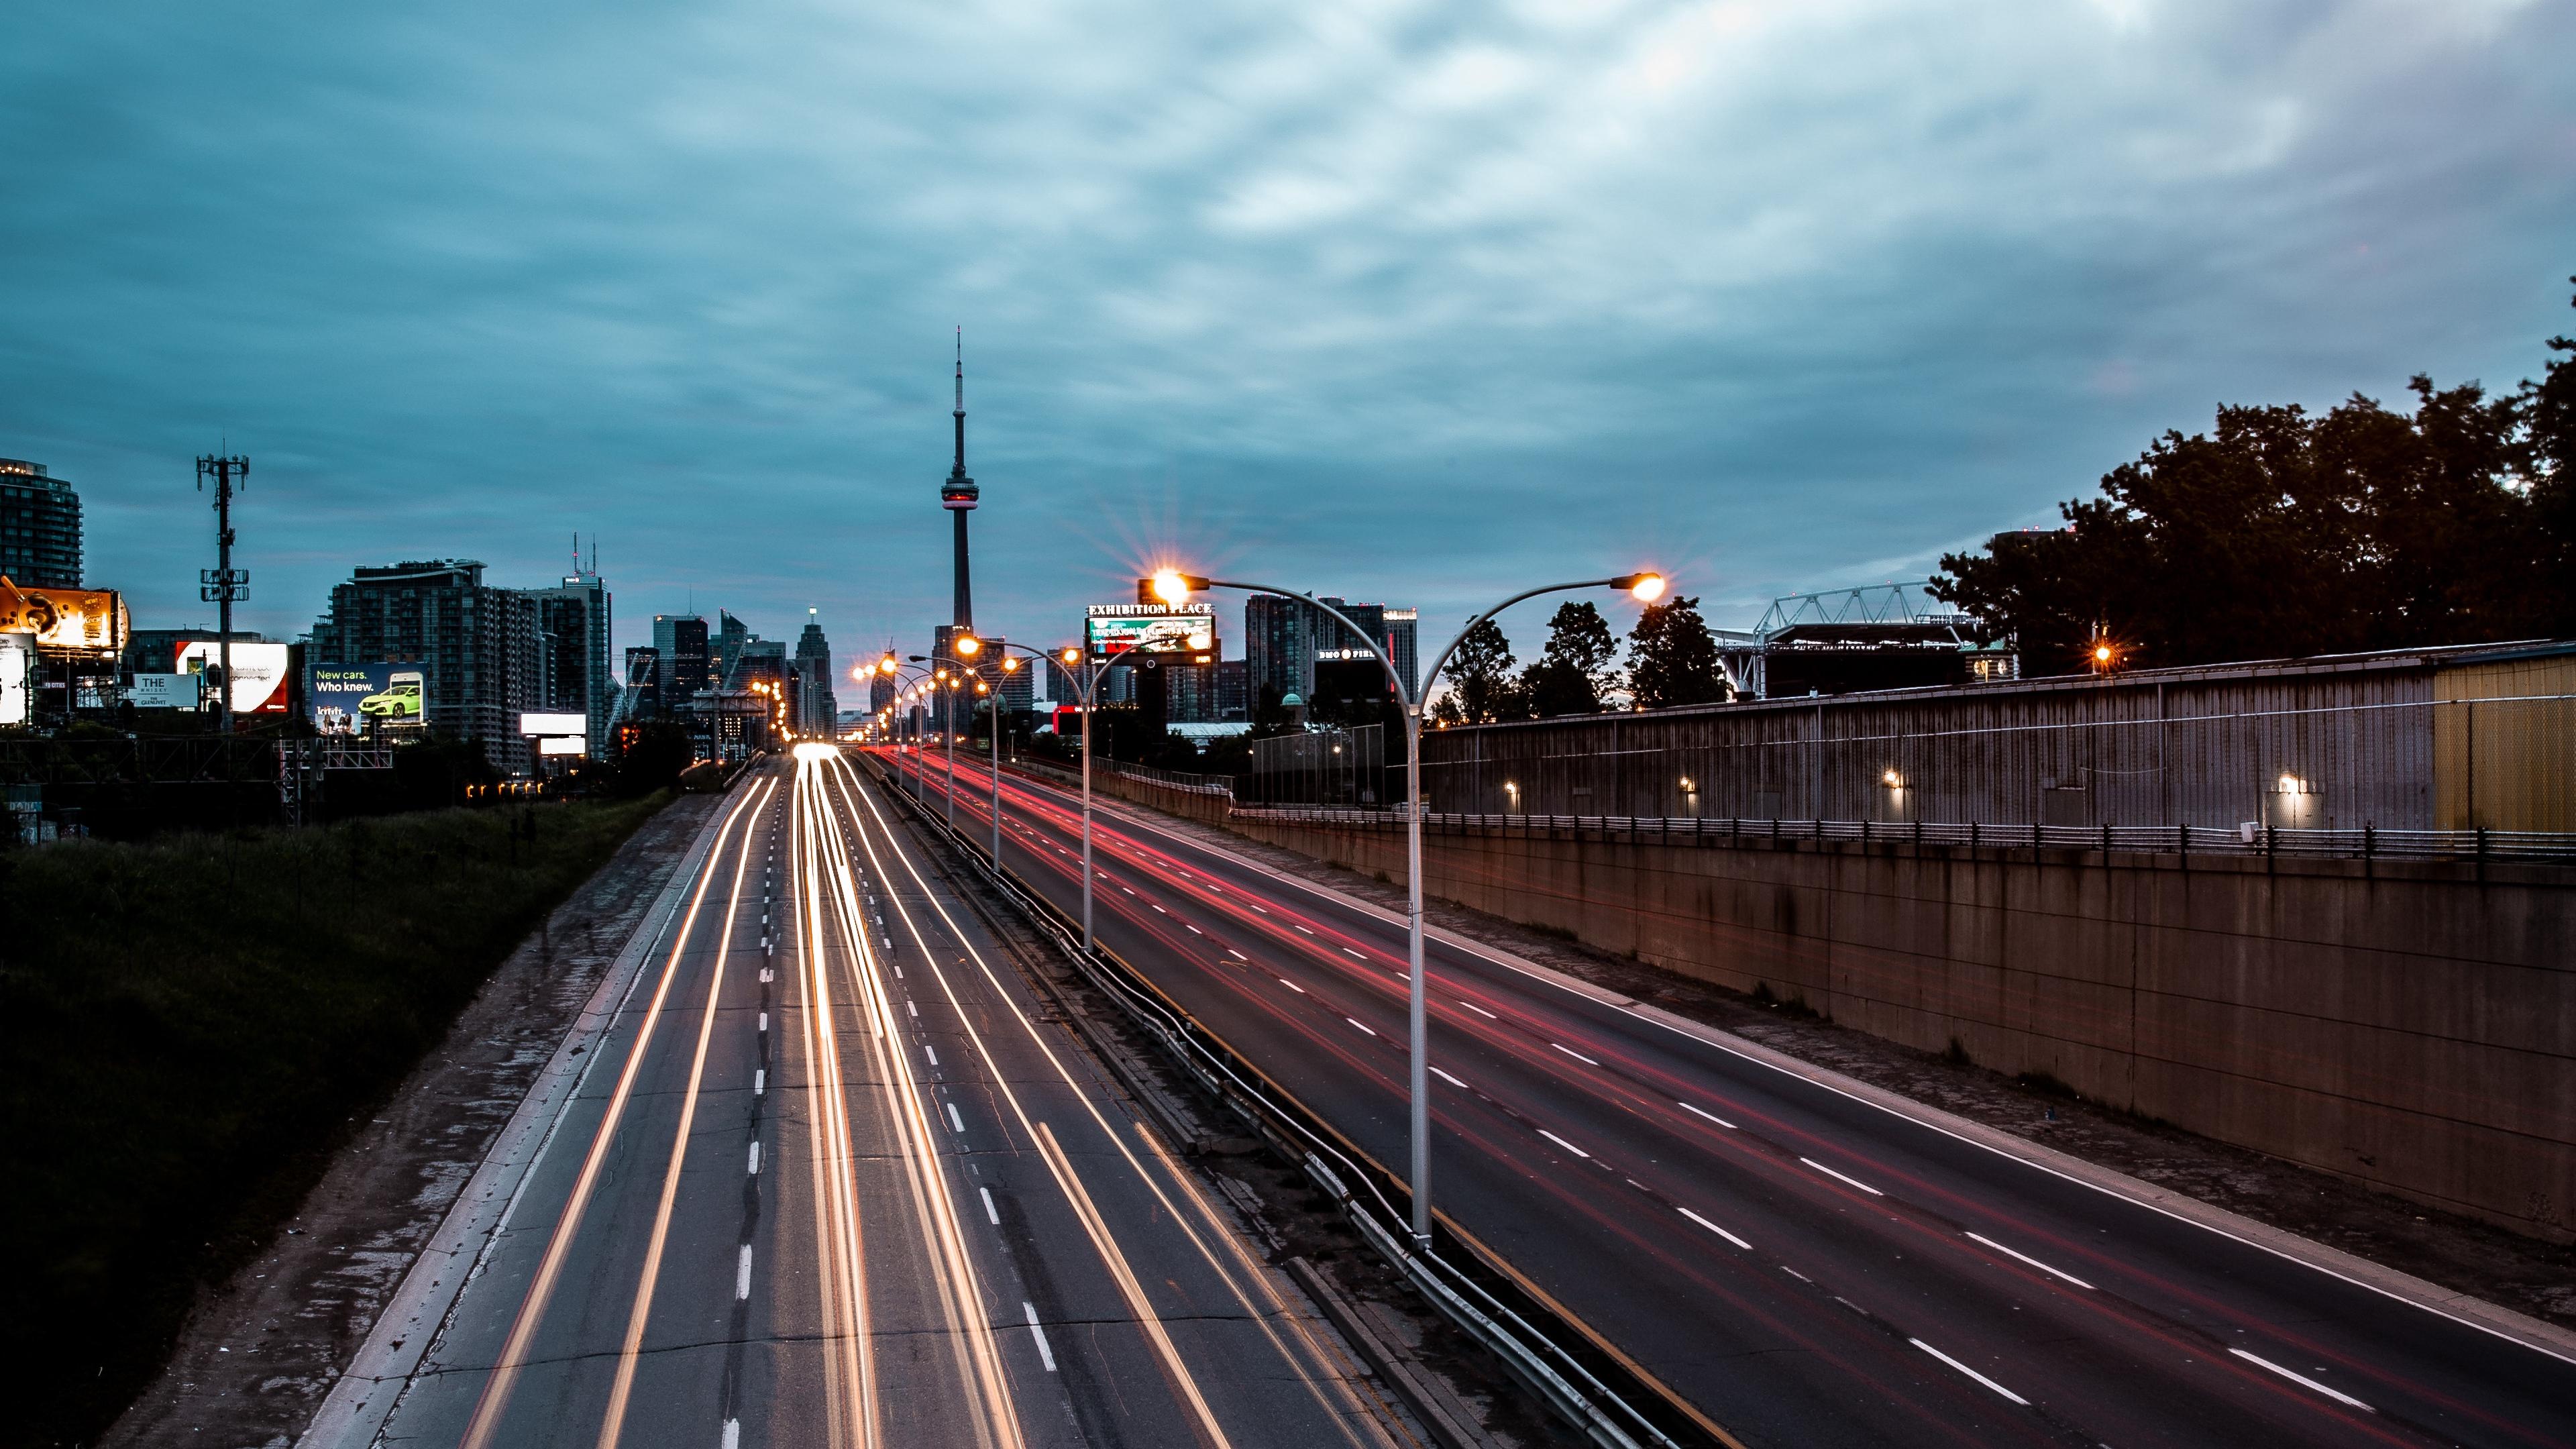 road movement city evening 4k 1538065523 - road, movement, city, evening 4k - Road, movement, City